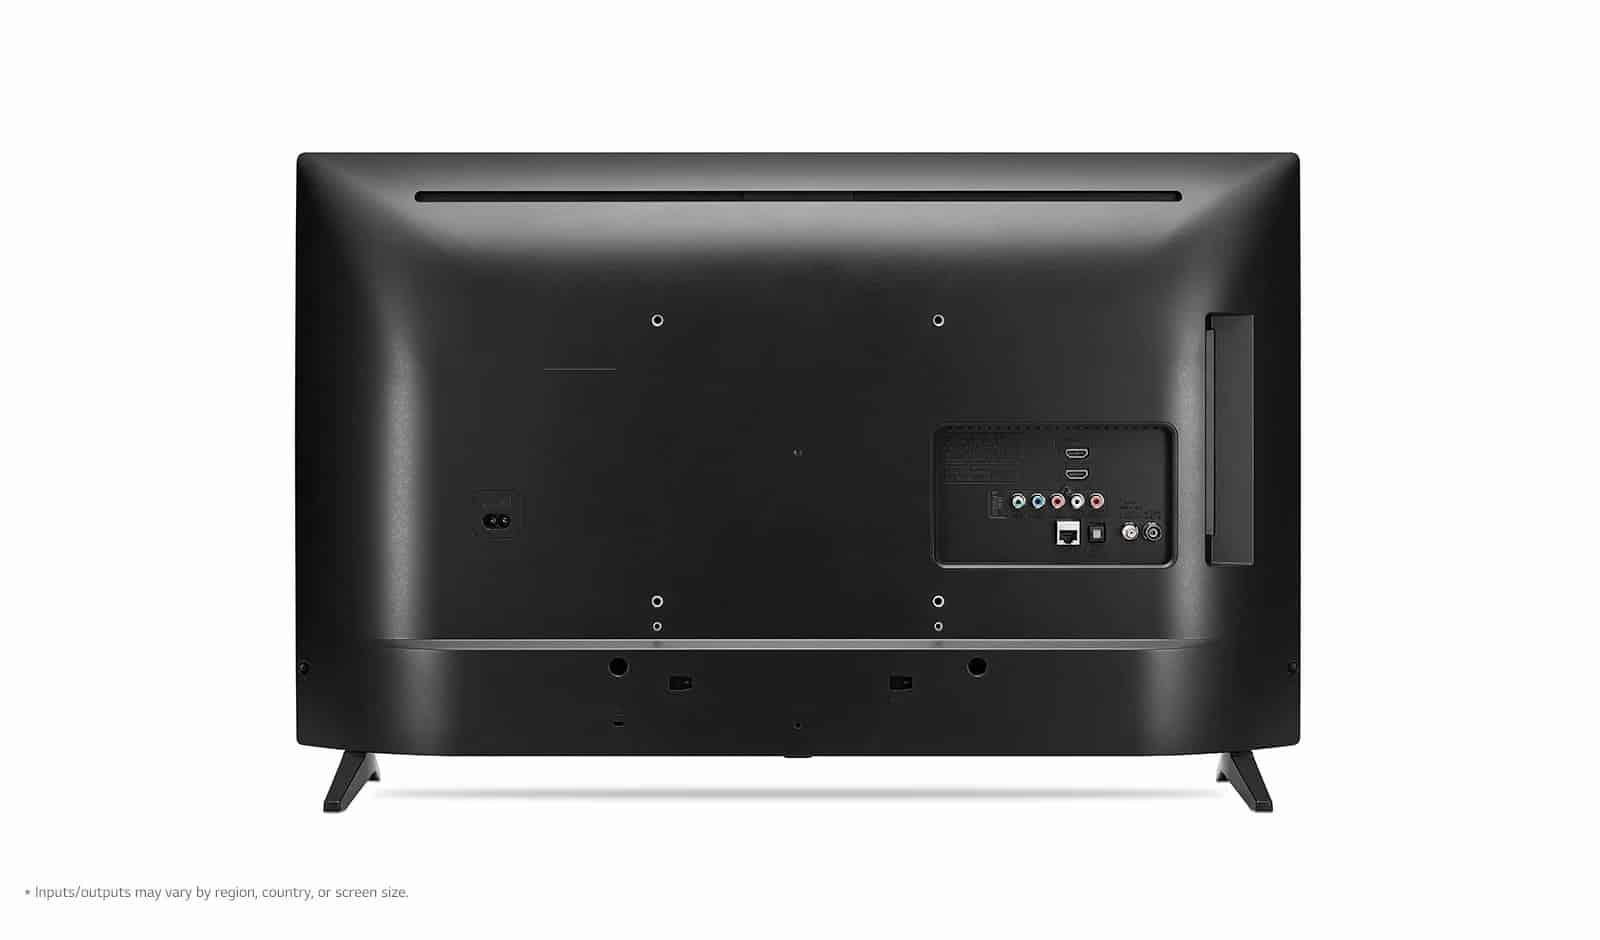 تلویزیون Full HD ال جی مدل LJ510U سایز 32 اینچ